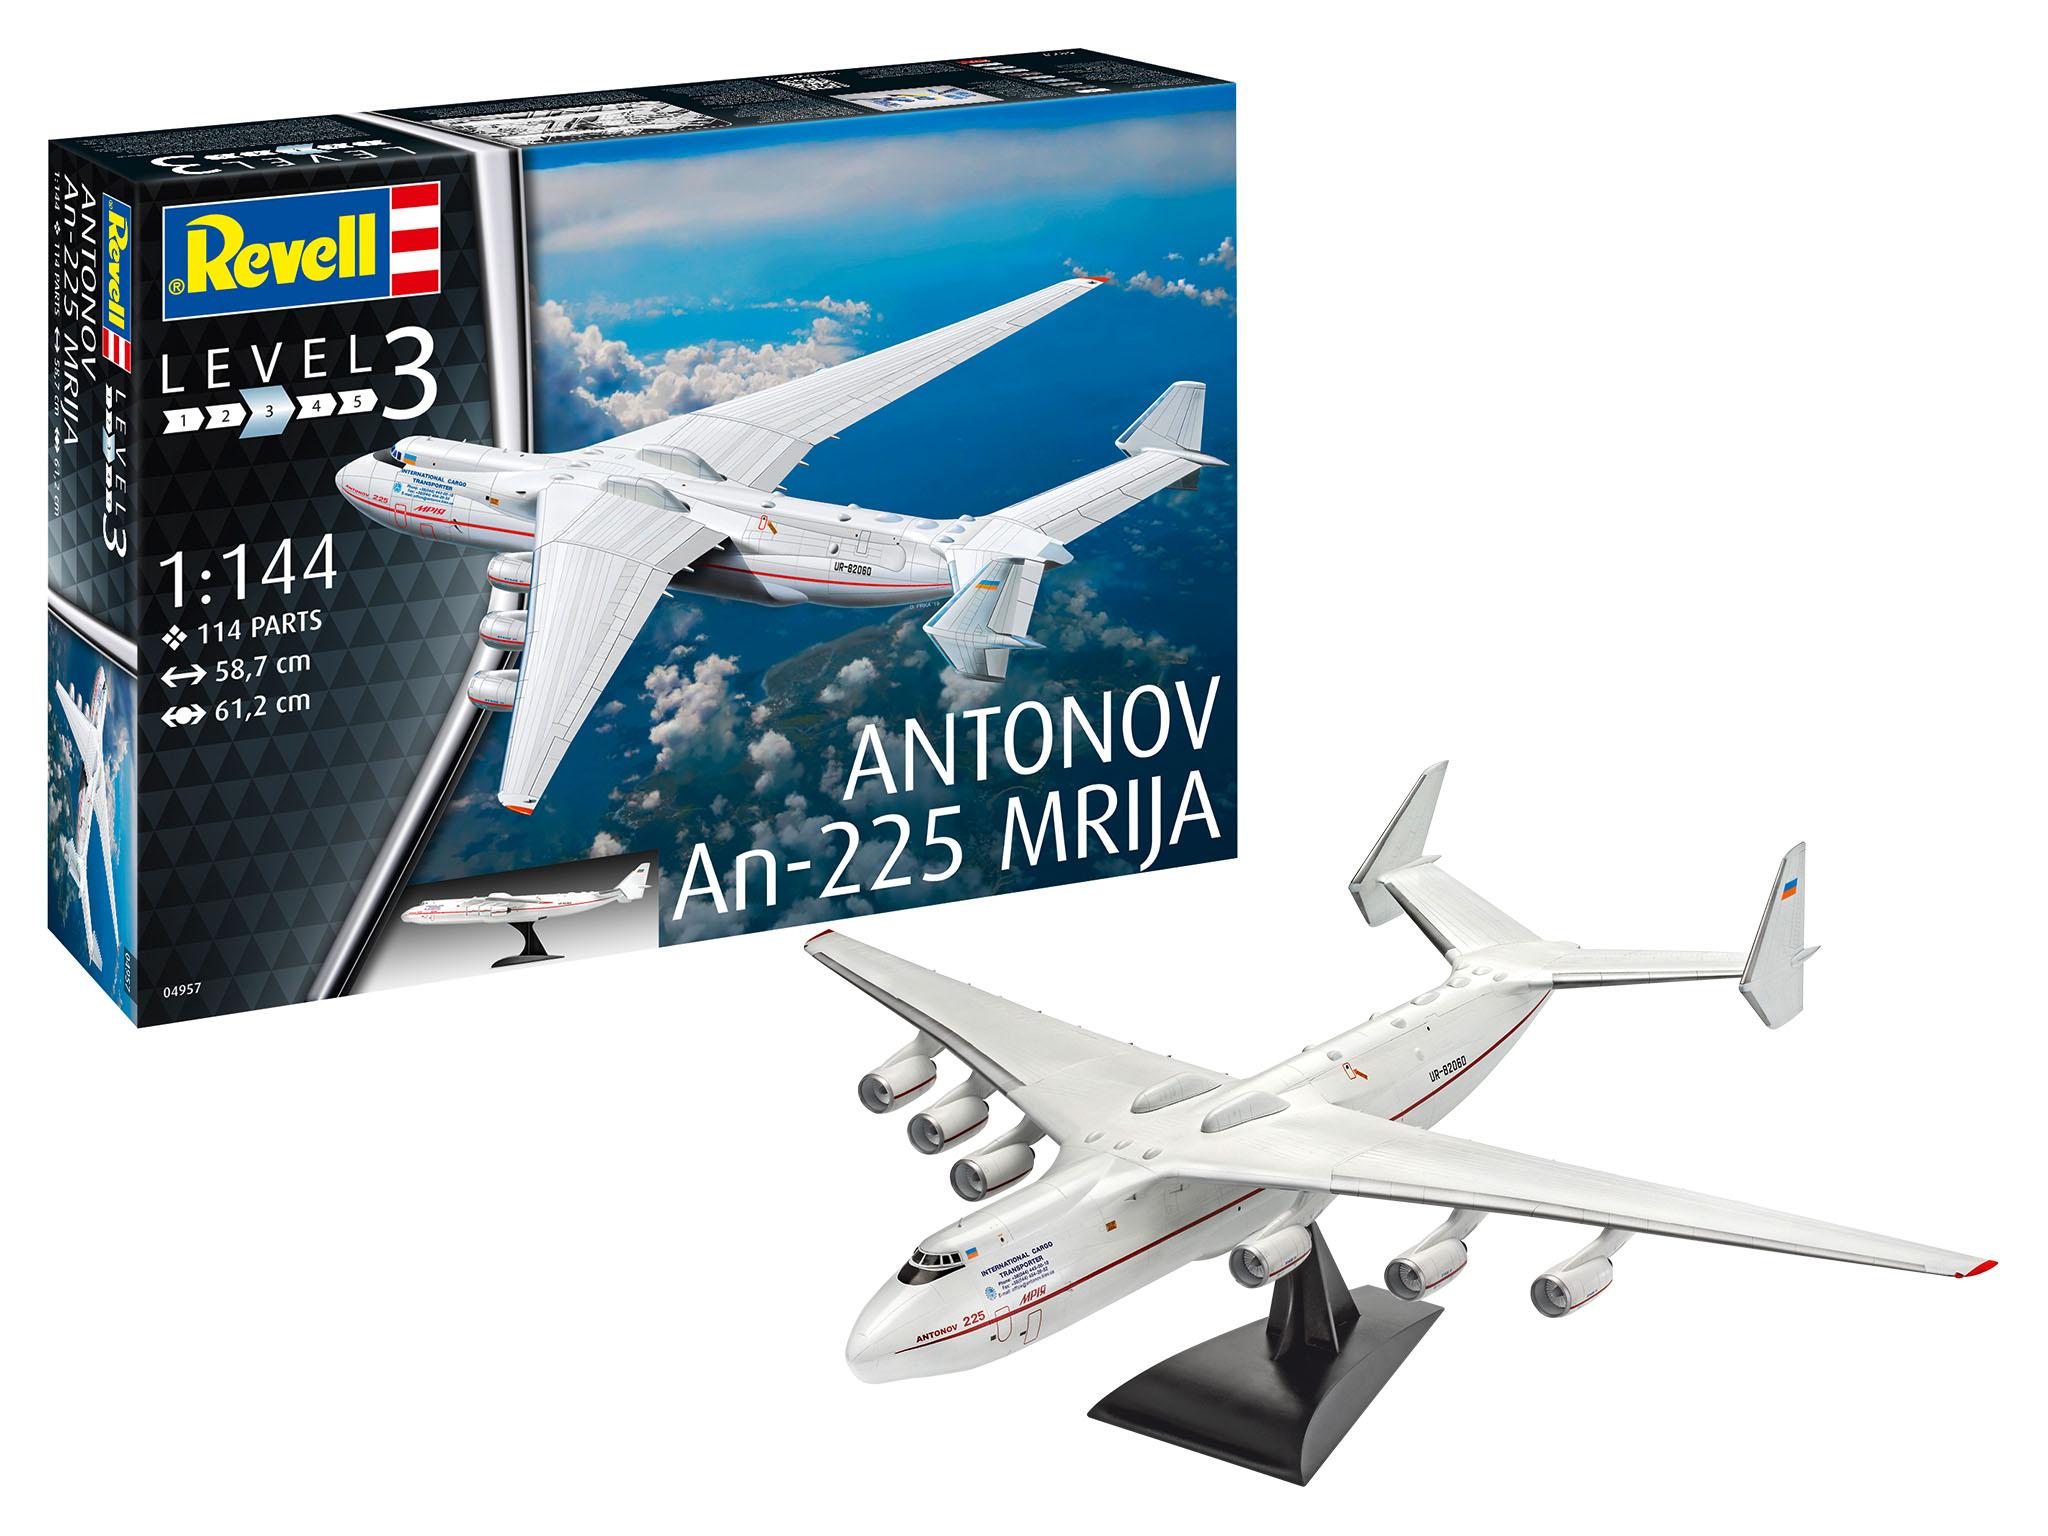 Revell Antonov AN-225 Mrija